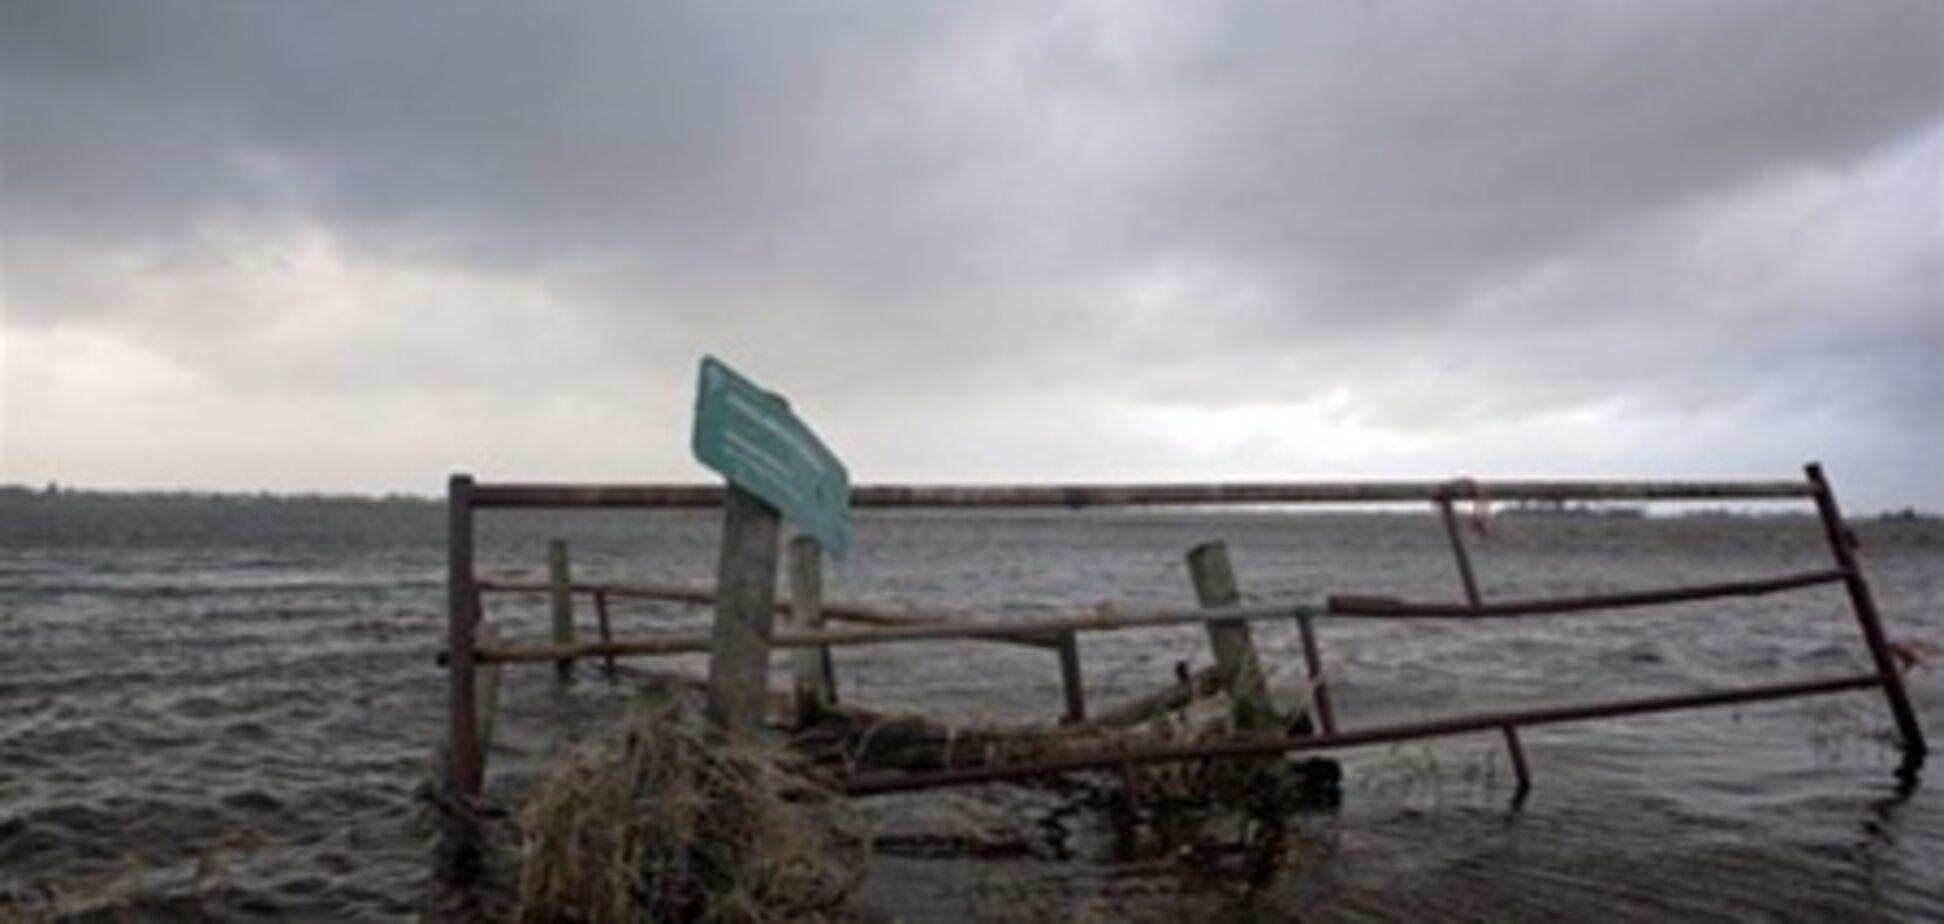 Близько 800 голландців евакуйовані через загрозу прориву дамби